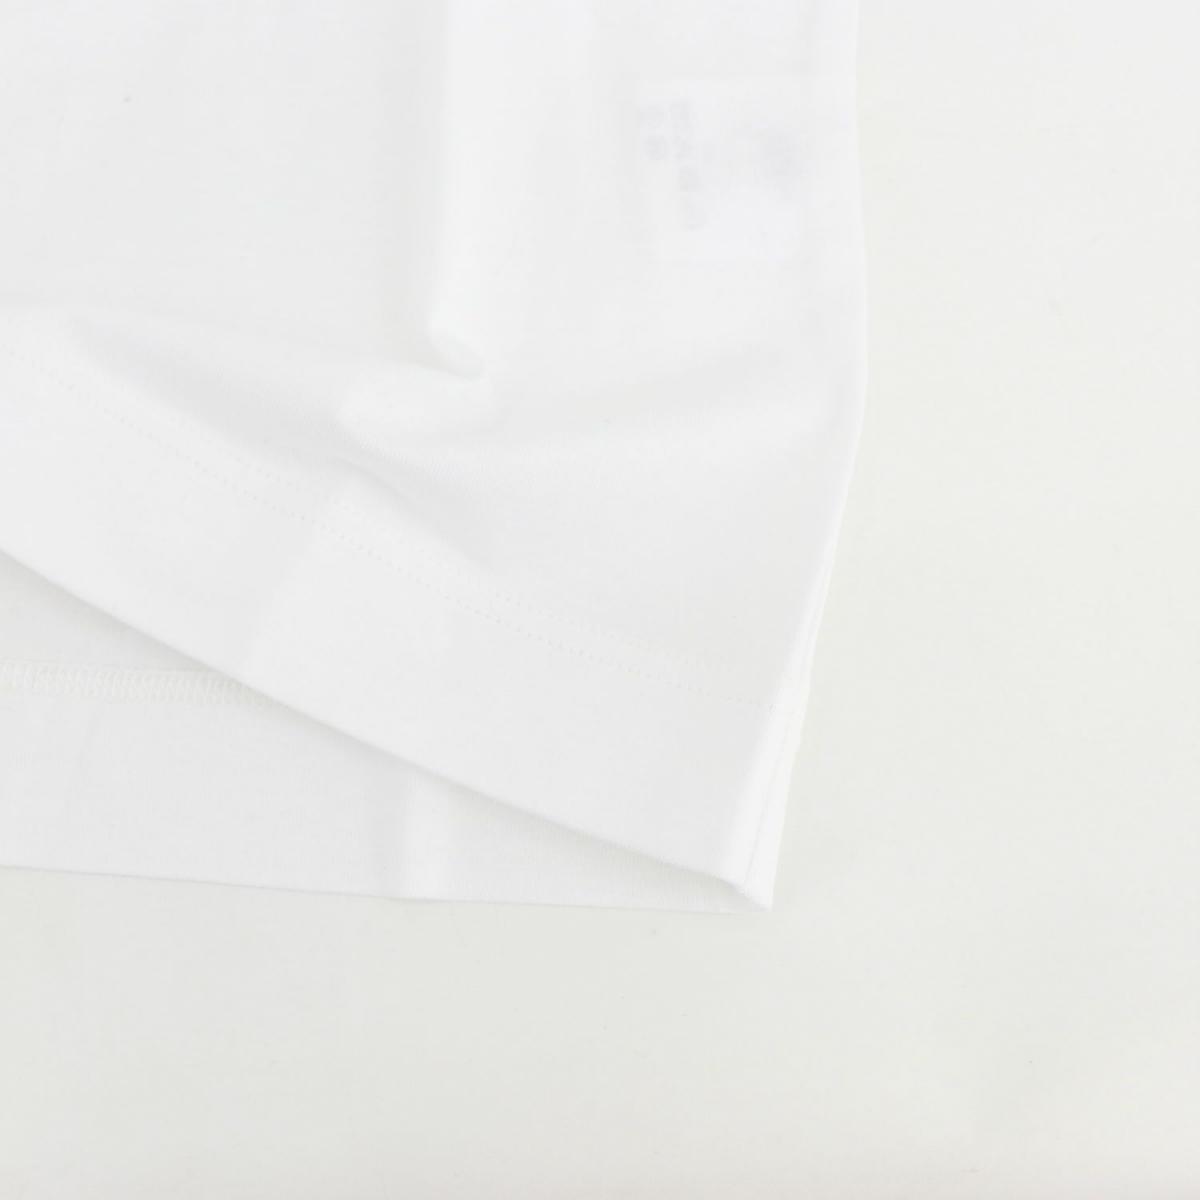 クルチアーニ CRUCIANI メンズ コットン クルーネック 半袖 Tシャツ JU1302 CRU 1000(ホワイト) 春夏新作